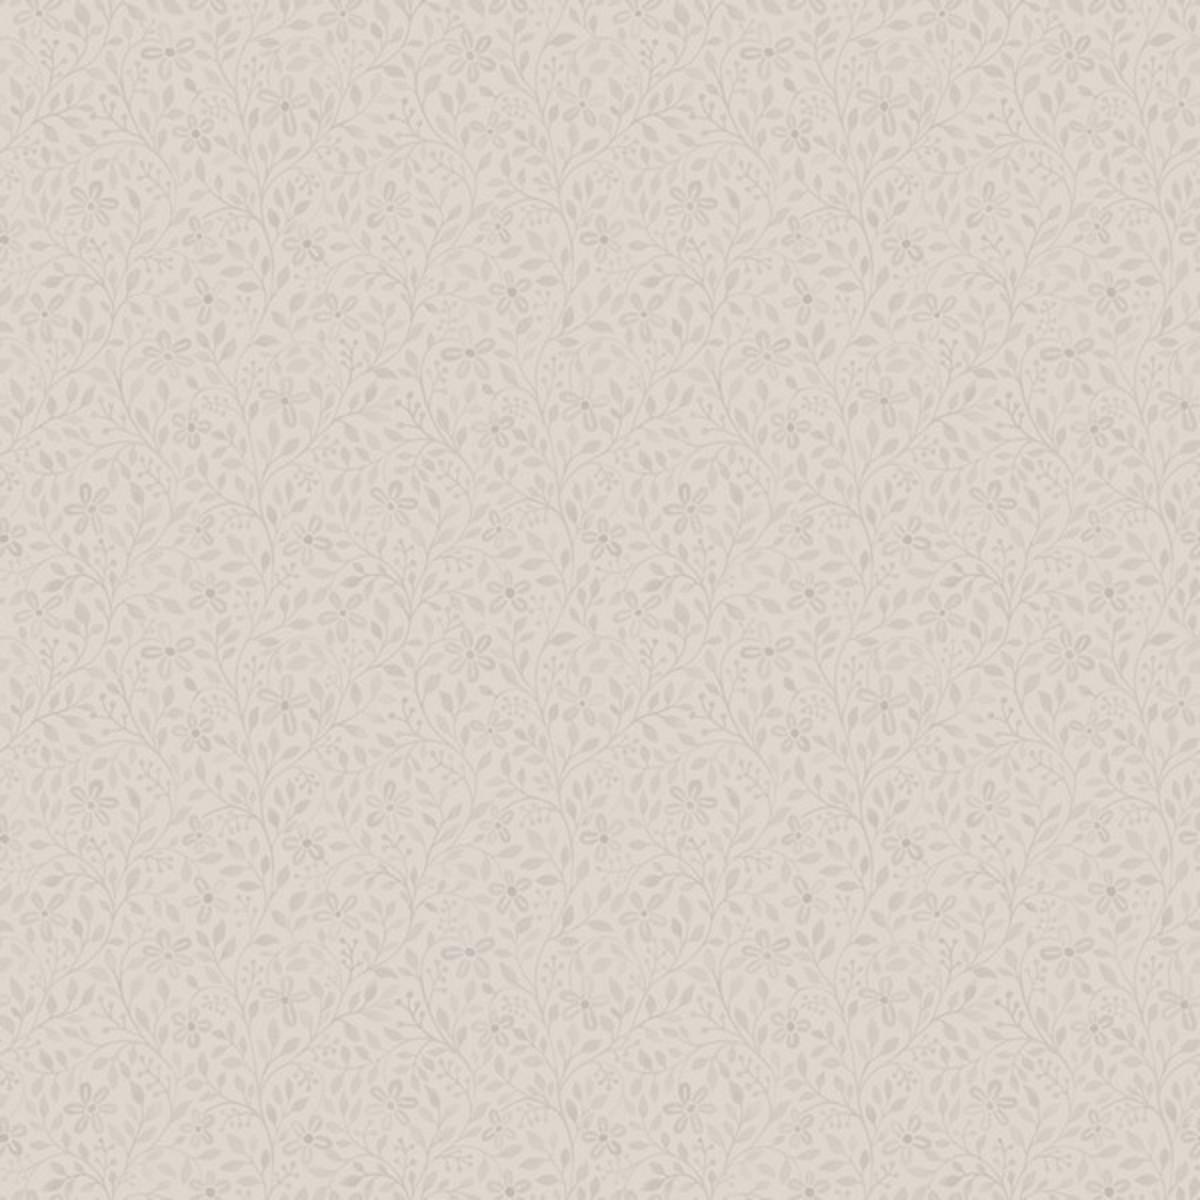 Обои флизелиновые Midbec Blomstermala бежевые 0.53 м 51029